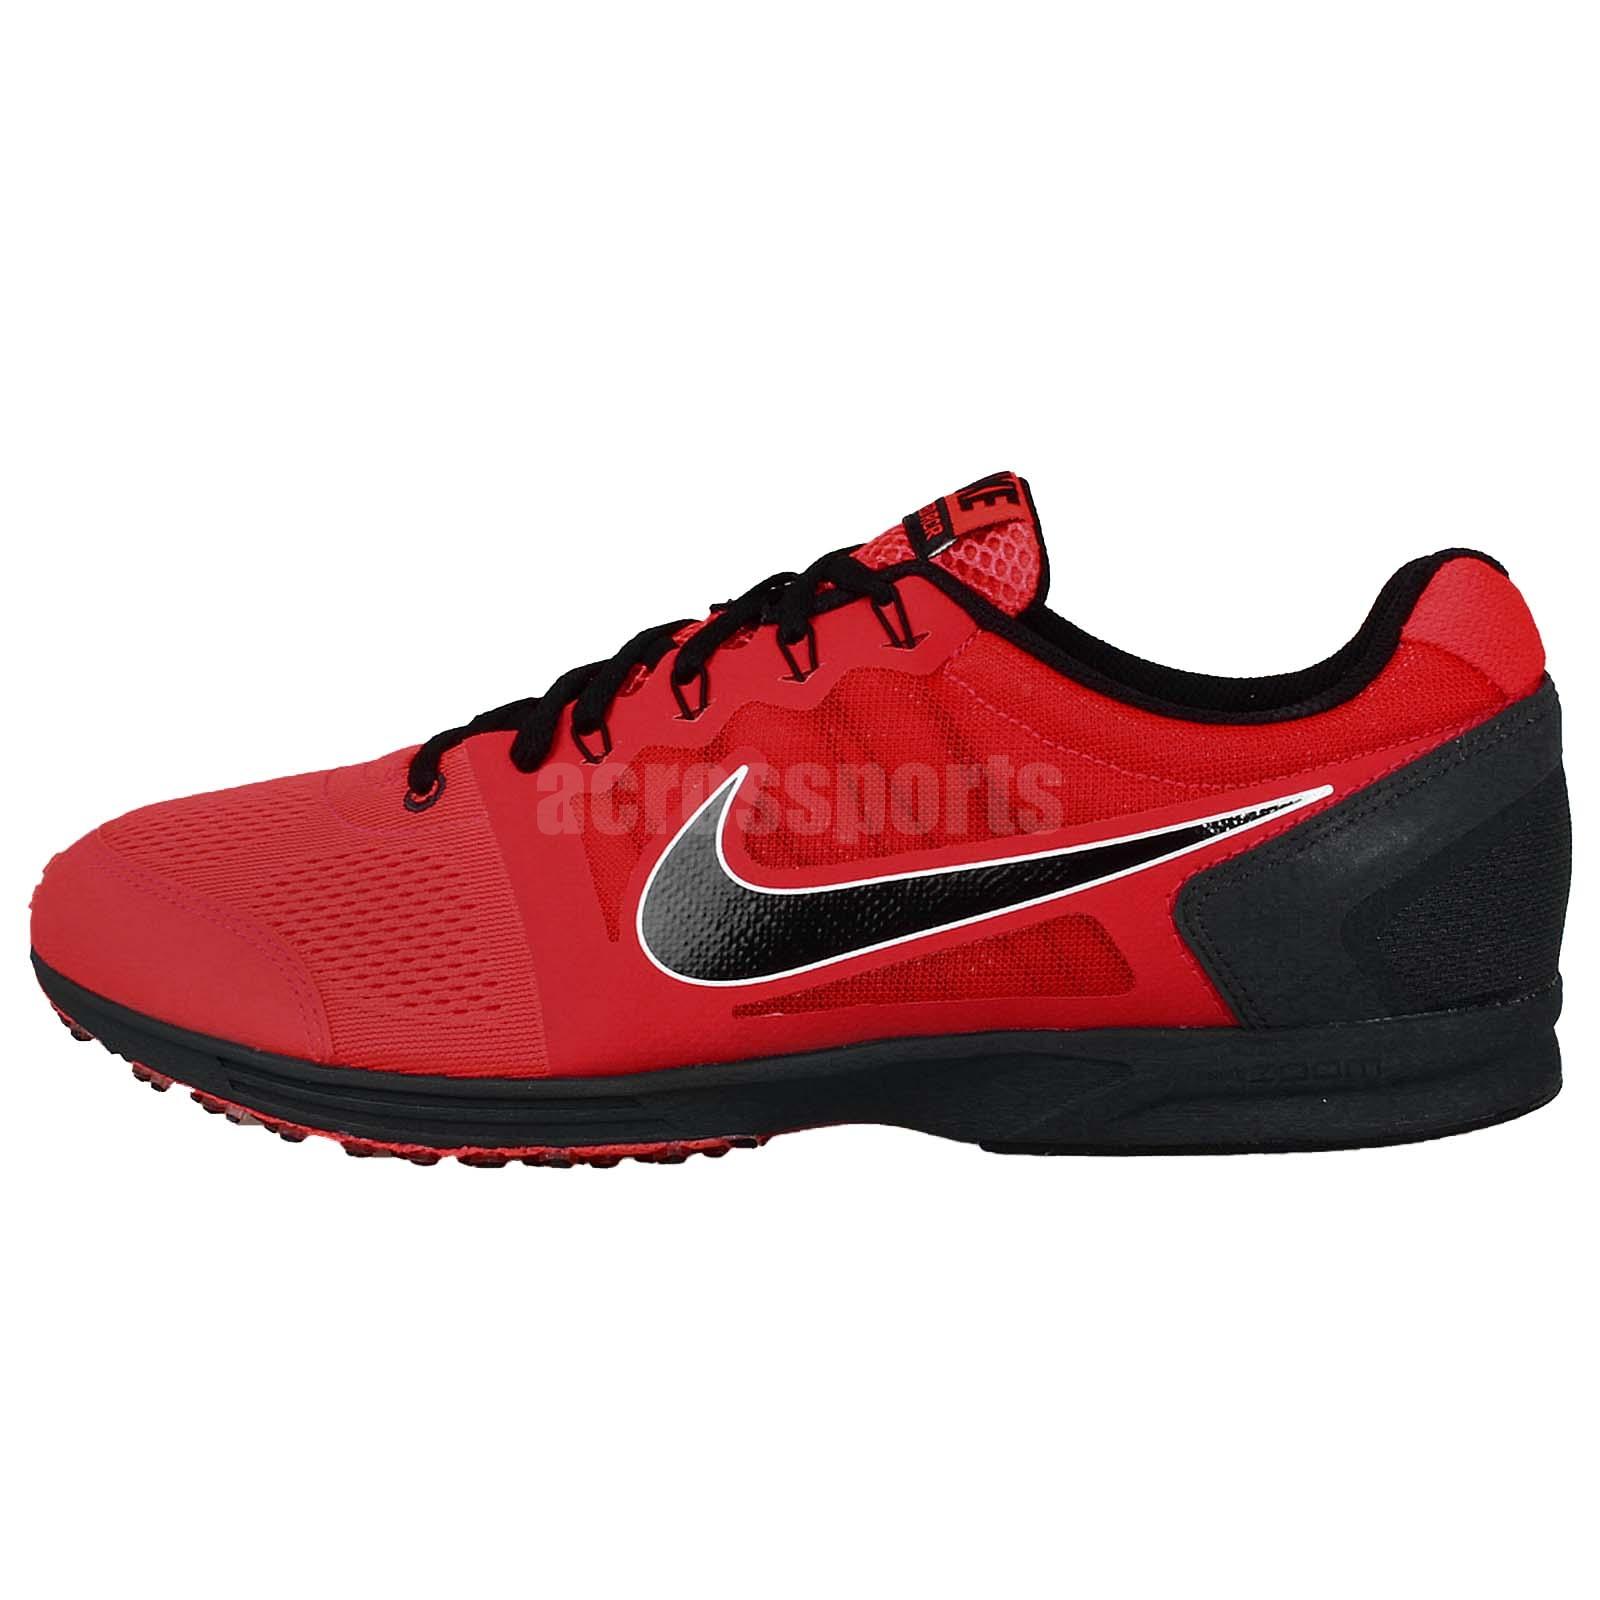 53ec454b750de7 nike free 5.0 running shoe 2014 grey toyota tacoma Find great deals for Nike  Men Shox Turbo ...